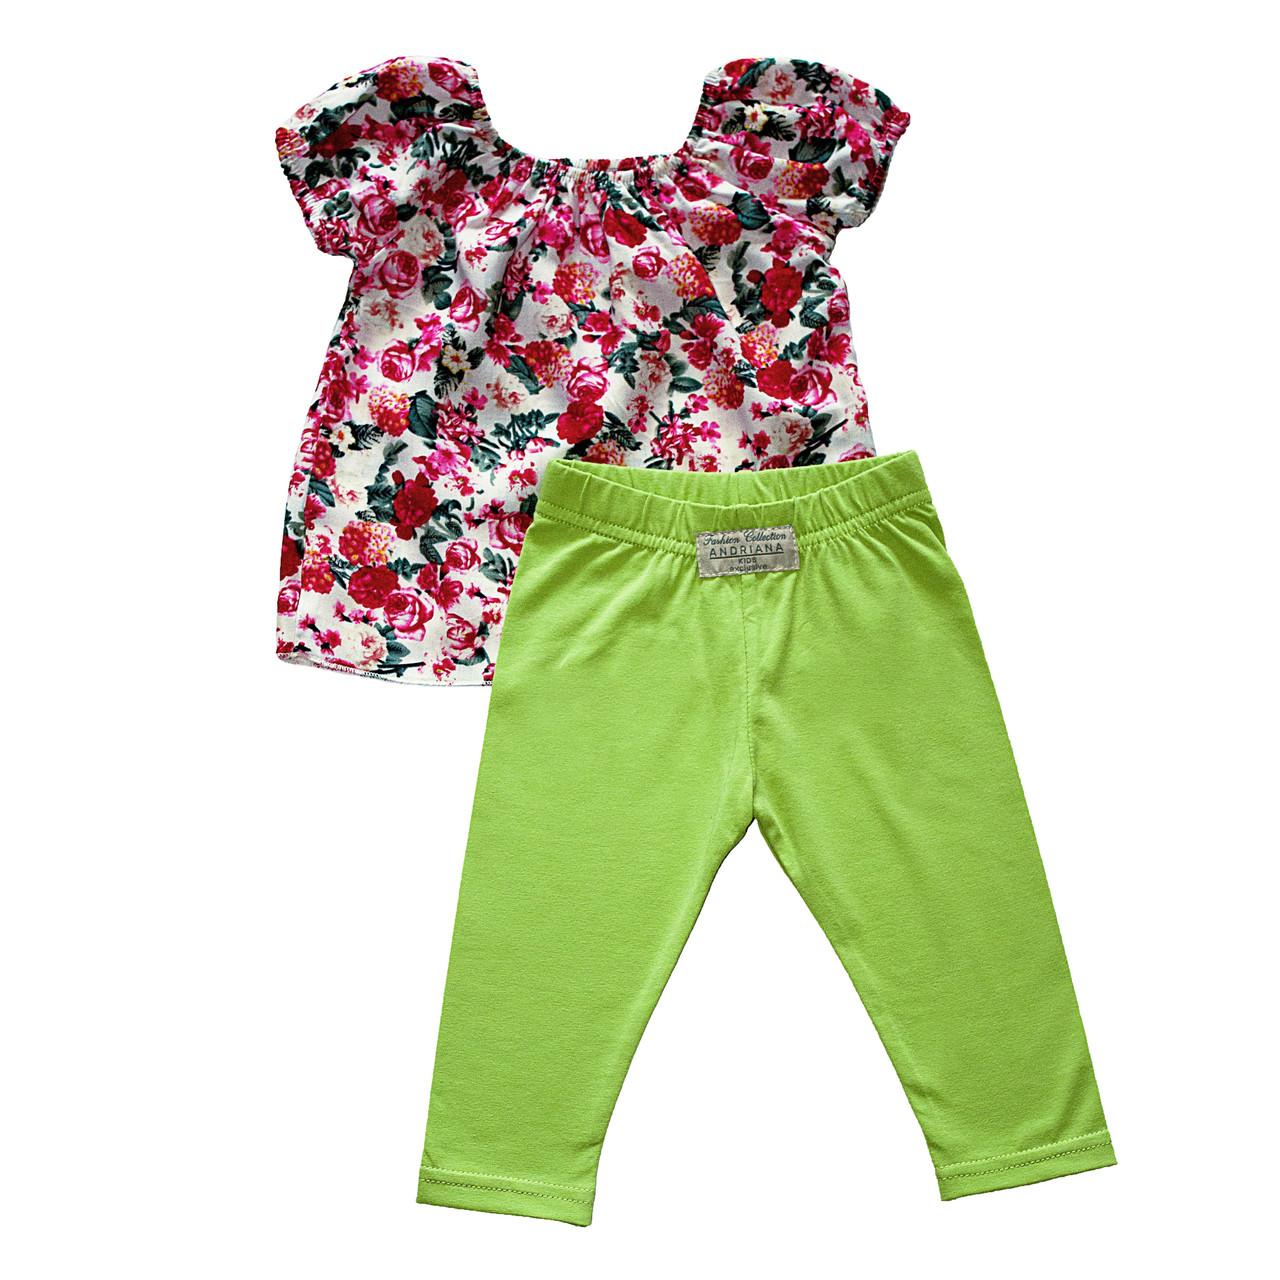 Модный костюм Andriana Kids 3 года для девочки с зелеными штанишками